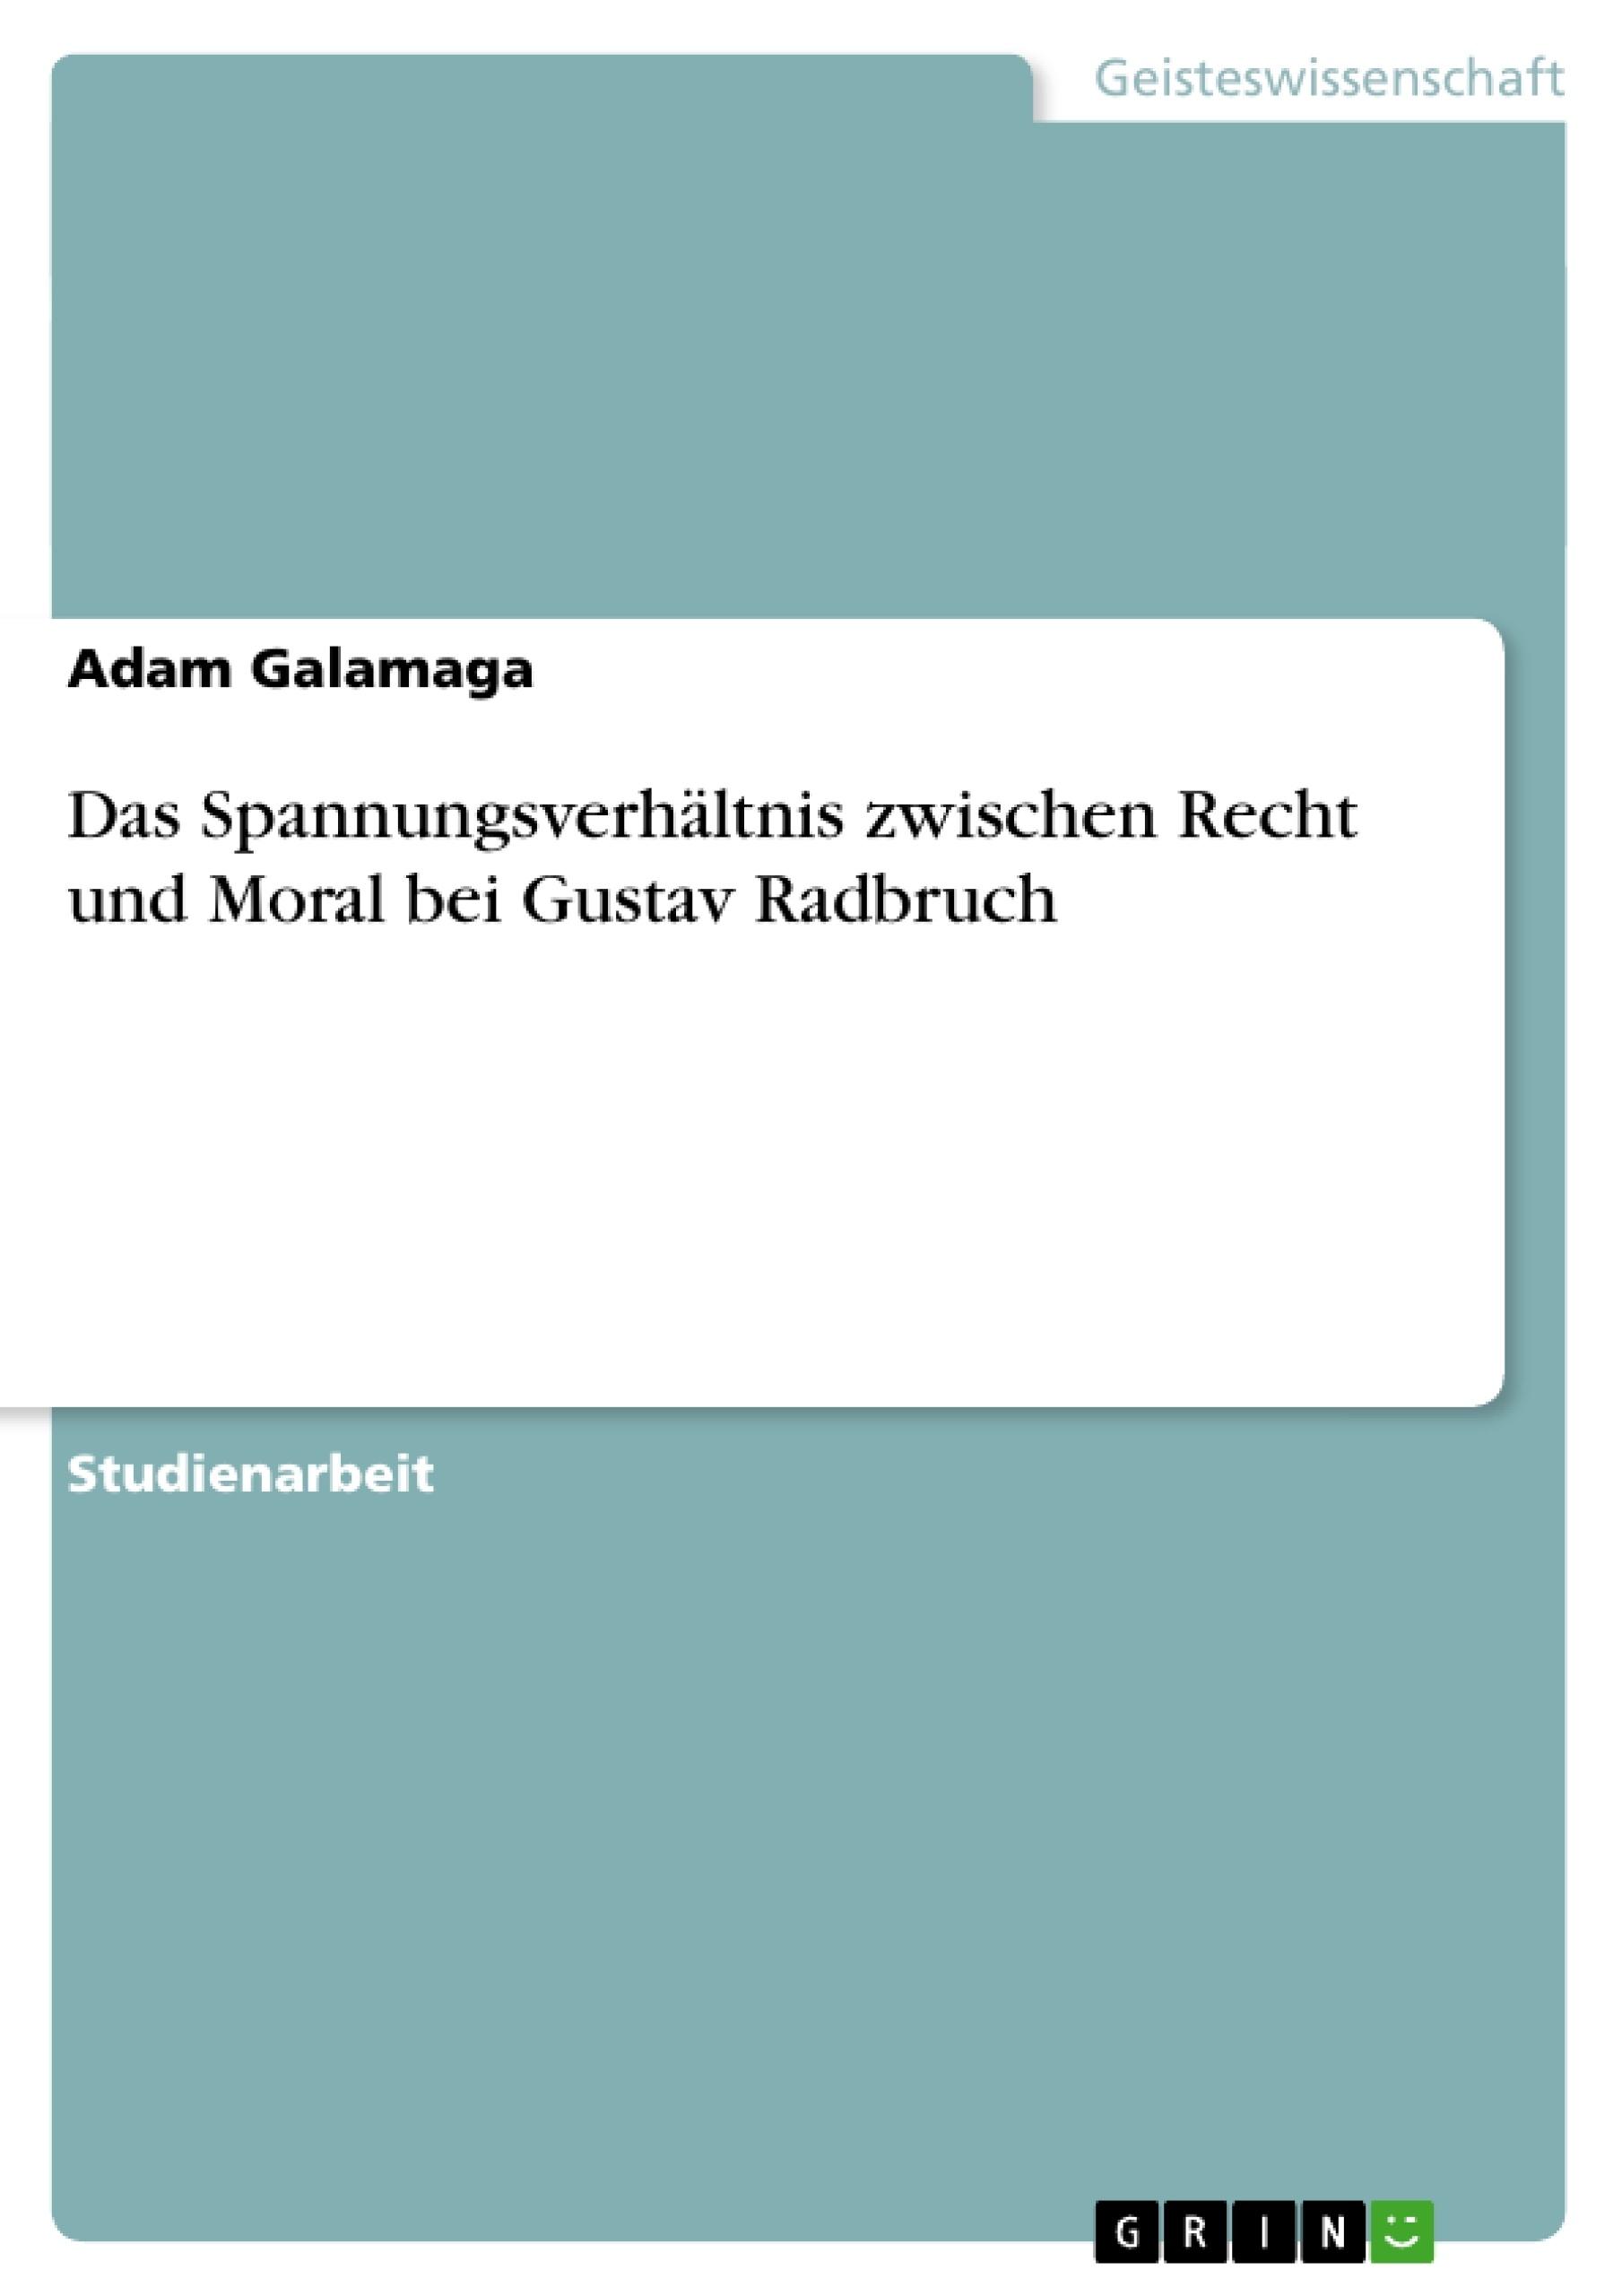 Titel: Das Spannungsverhältnis zwischen Recht und Moral bei Gustav Radbruch